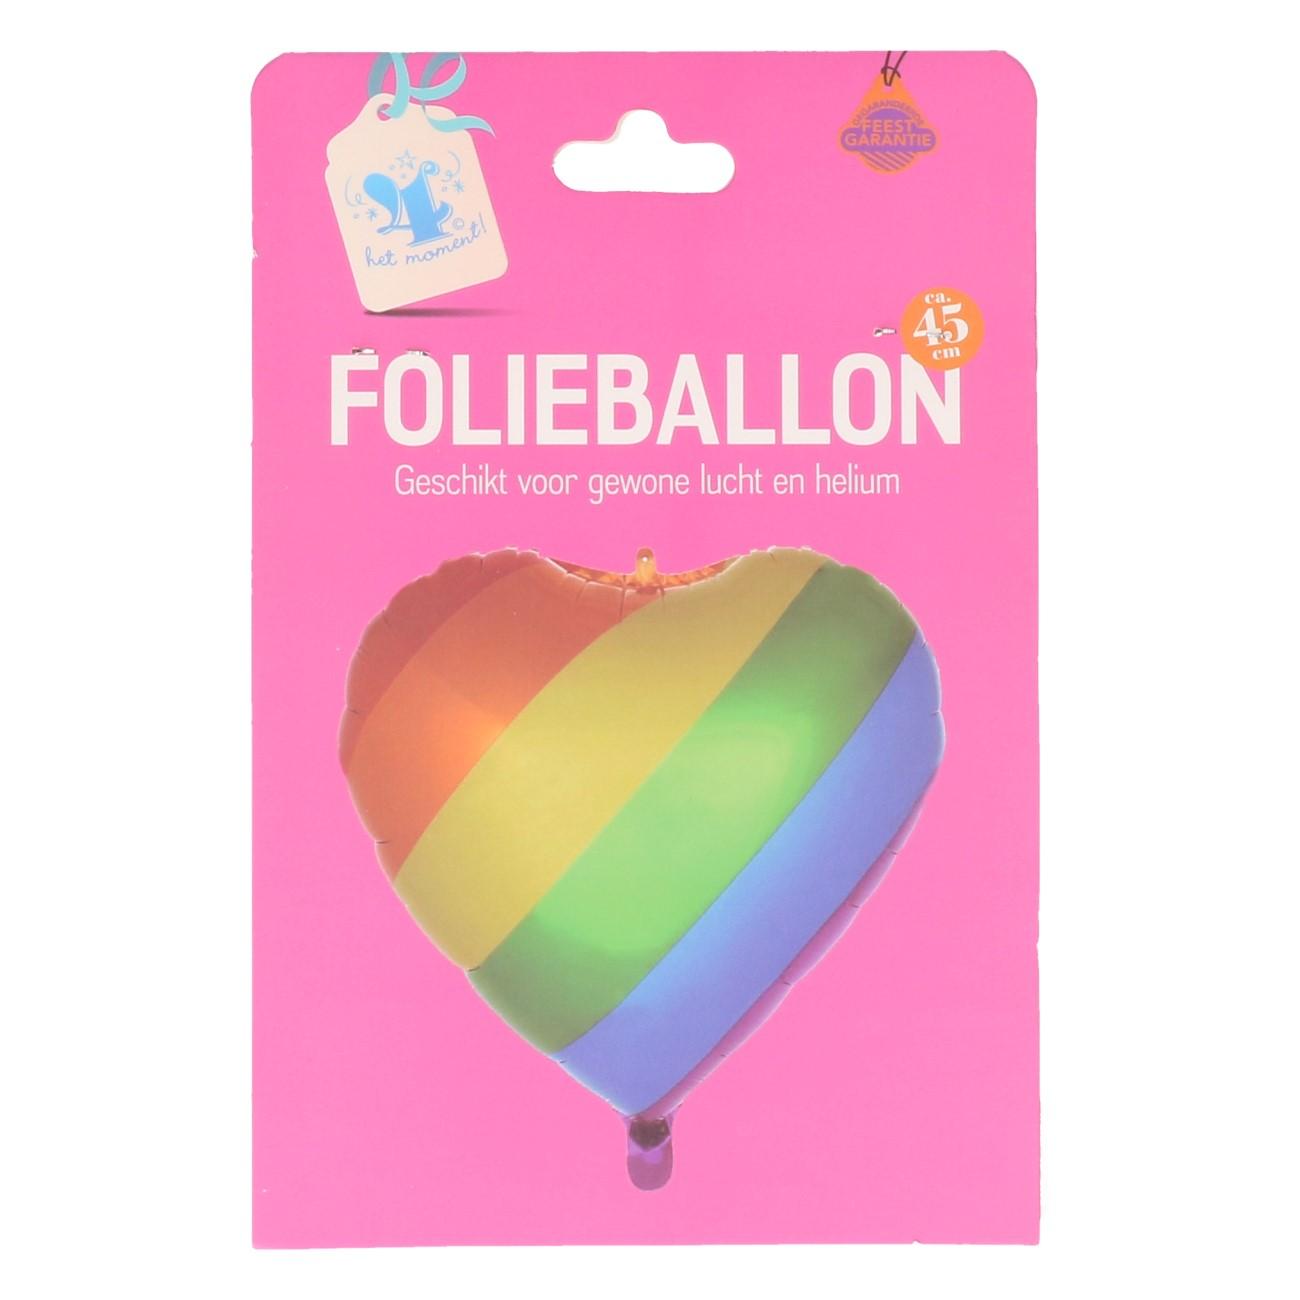 Folieballon regenboog hart #746